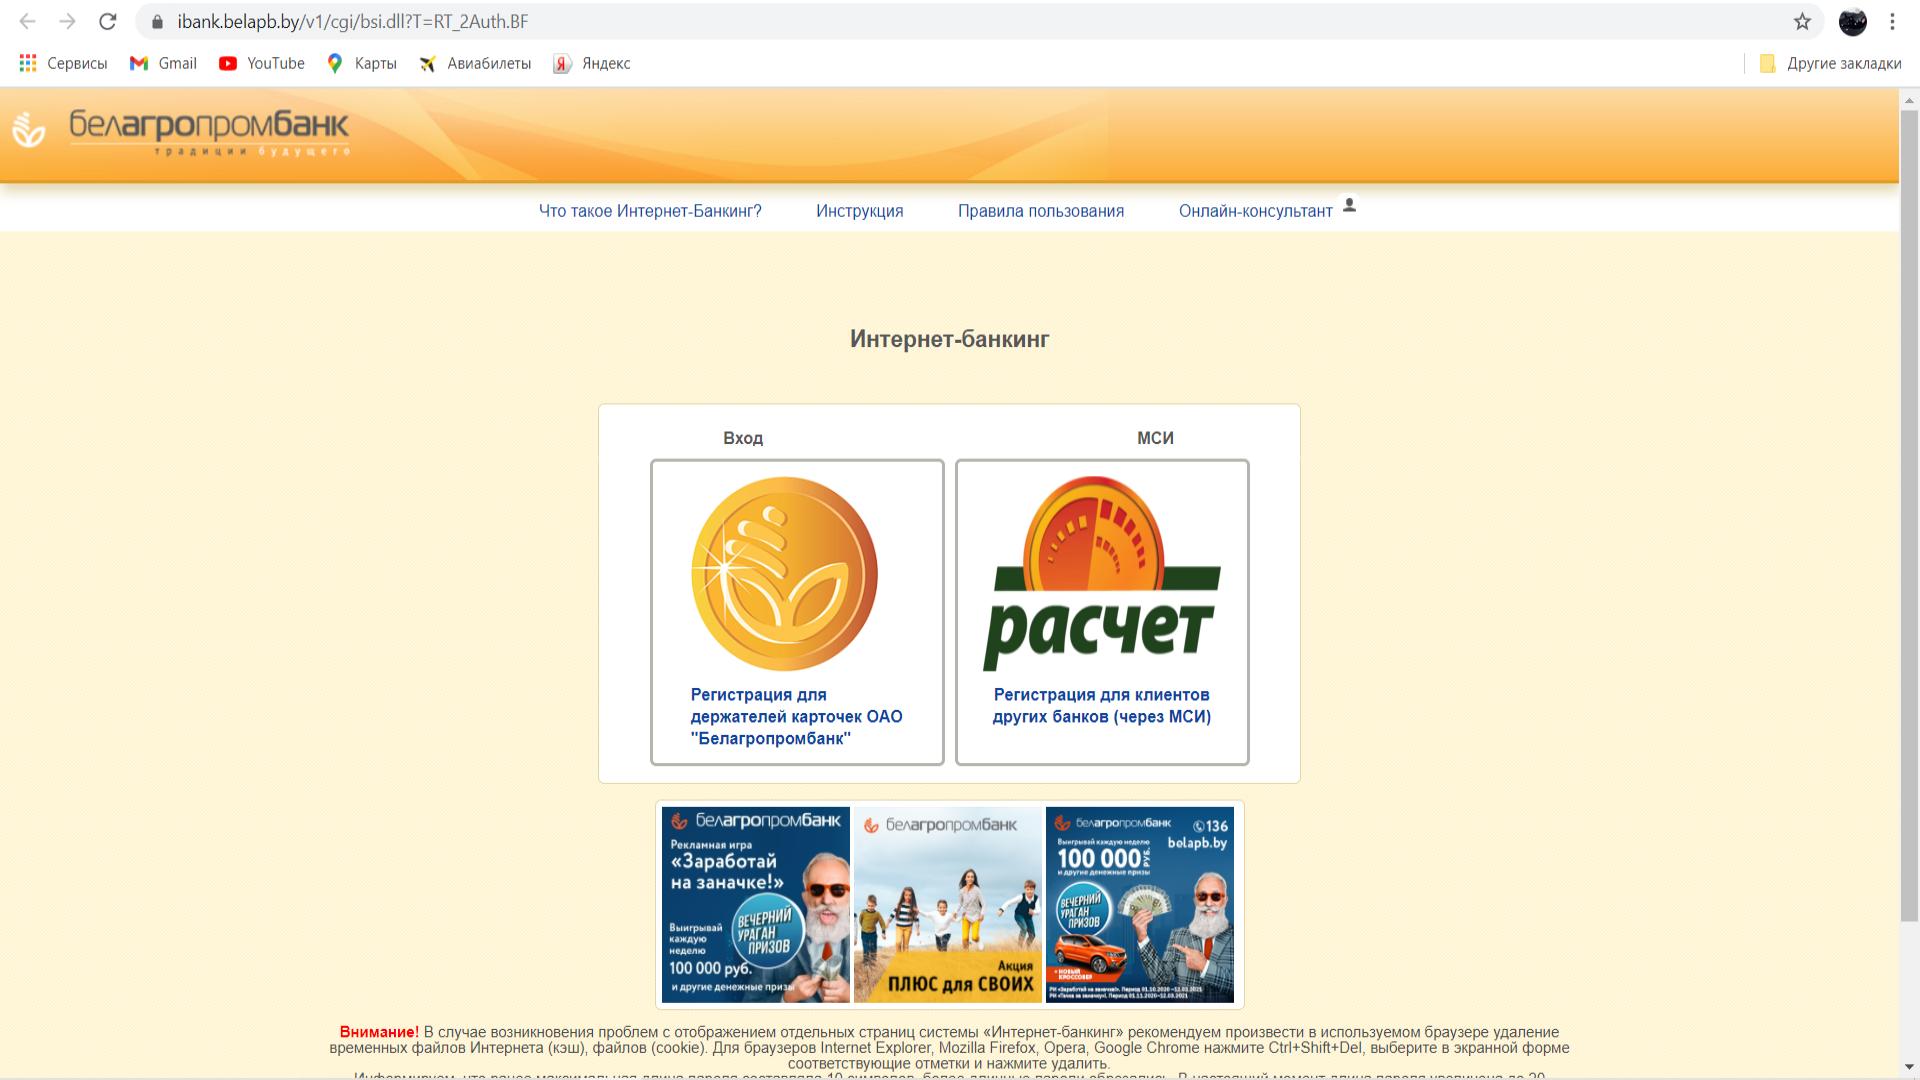 белагропромбанк интернет личный кабинет